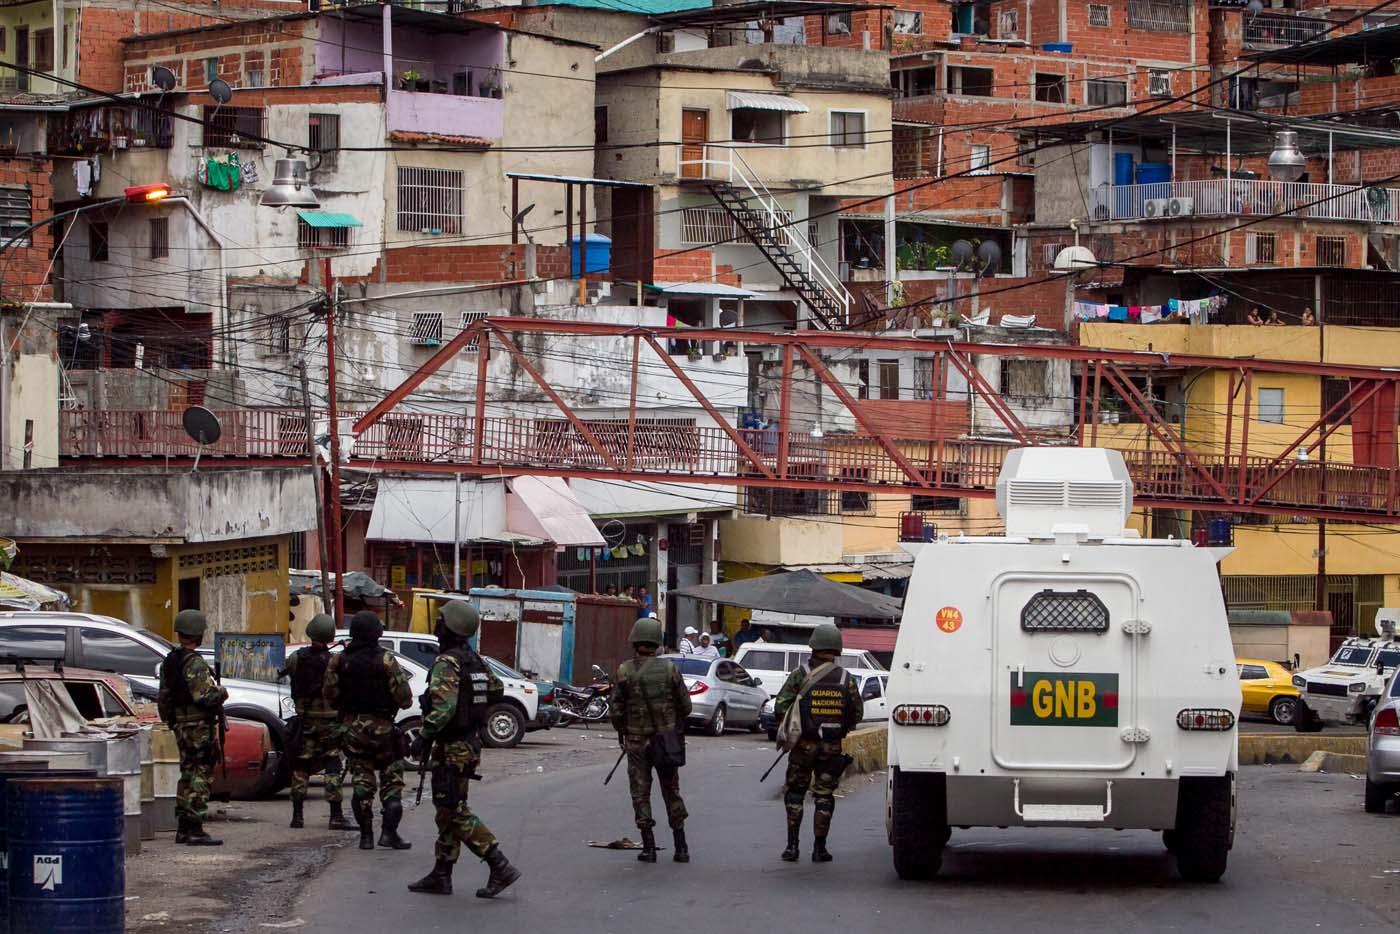 POLICÍA MILITARIZADA VENEZOLANA DESPLIEGA UN VASTO OPERATIVO EN CARACAS